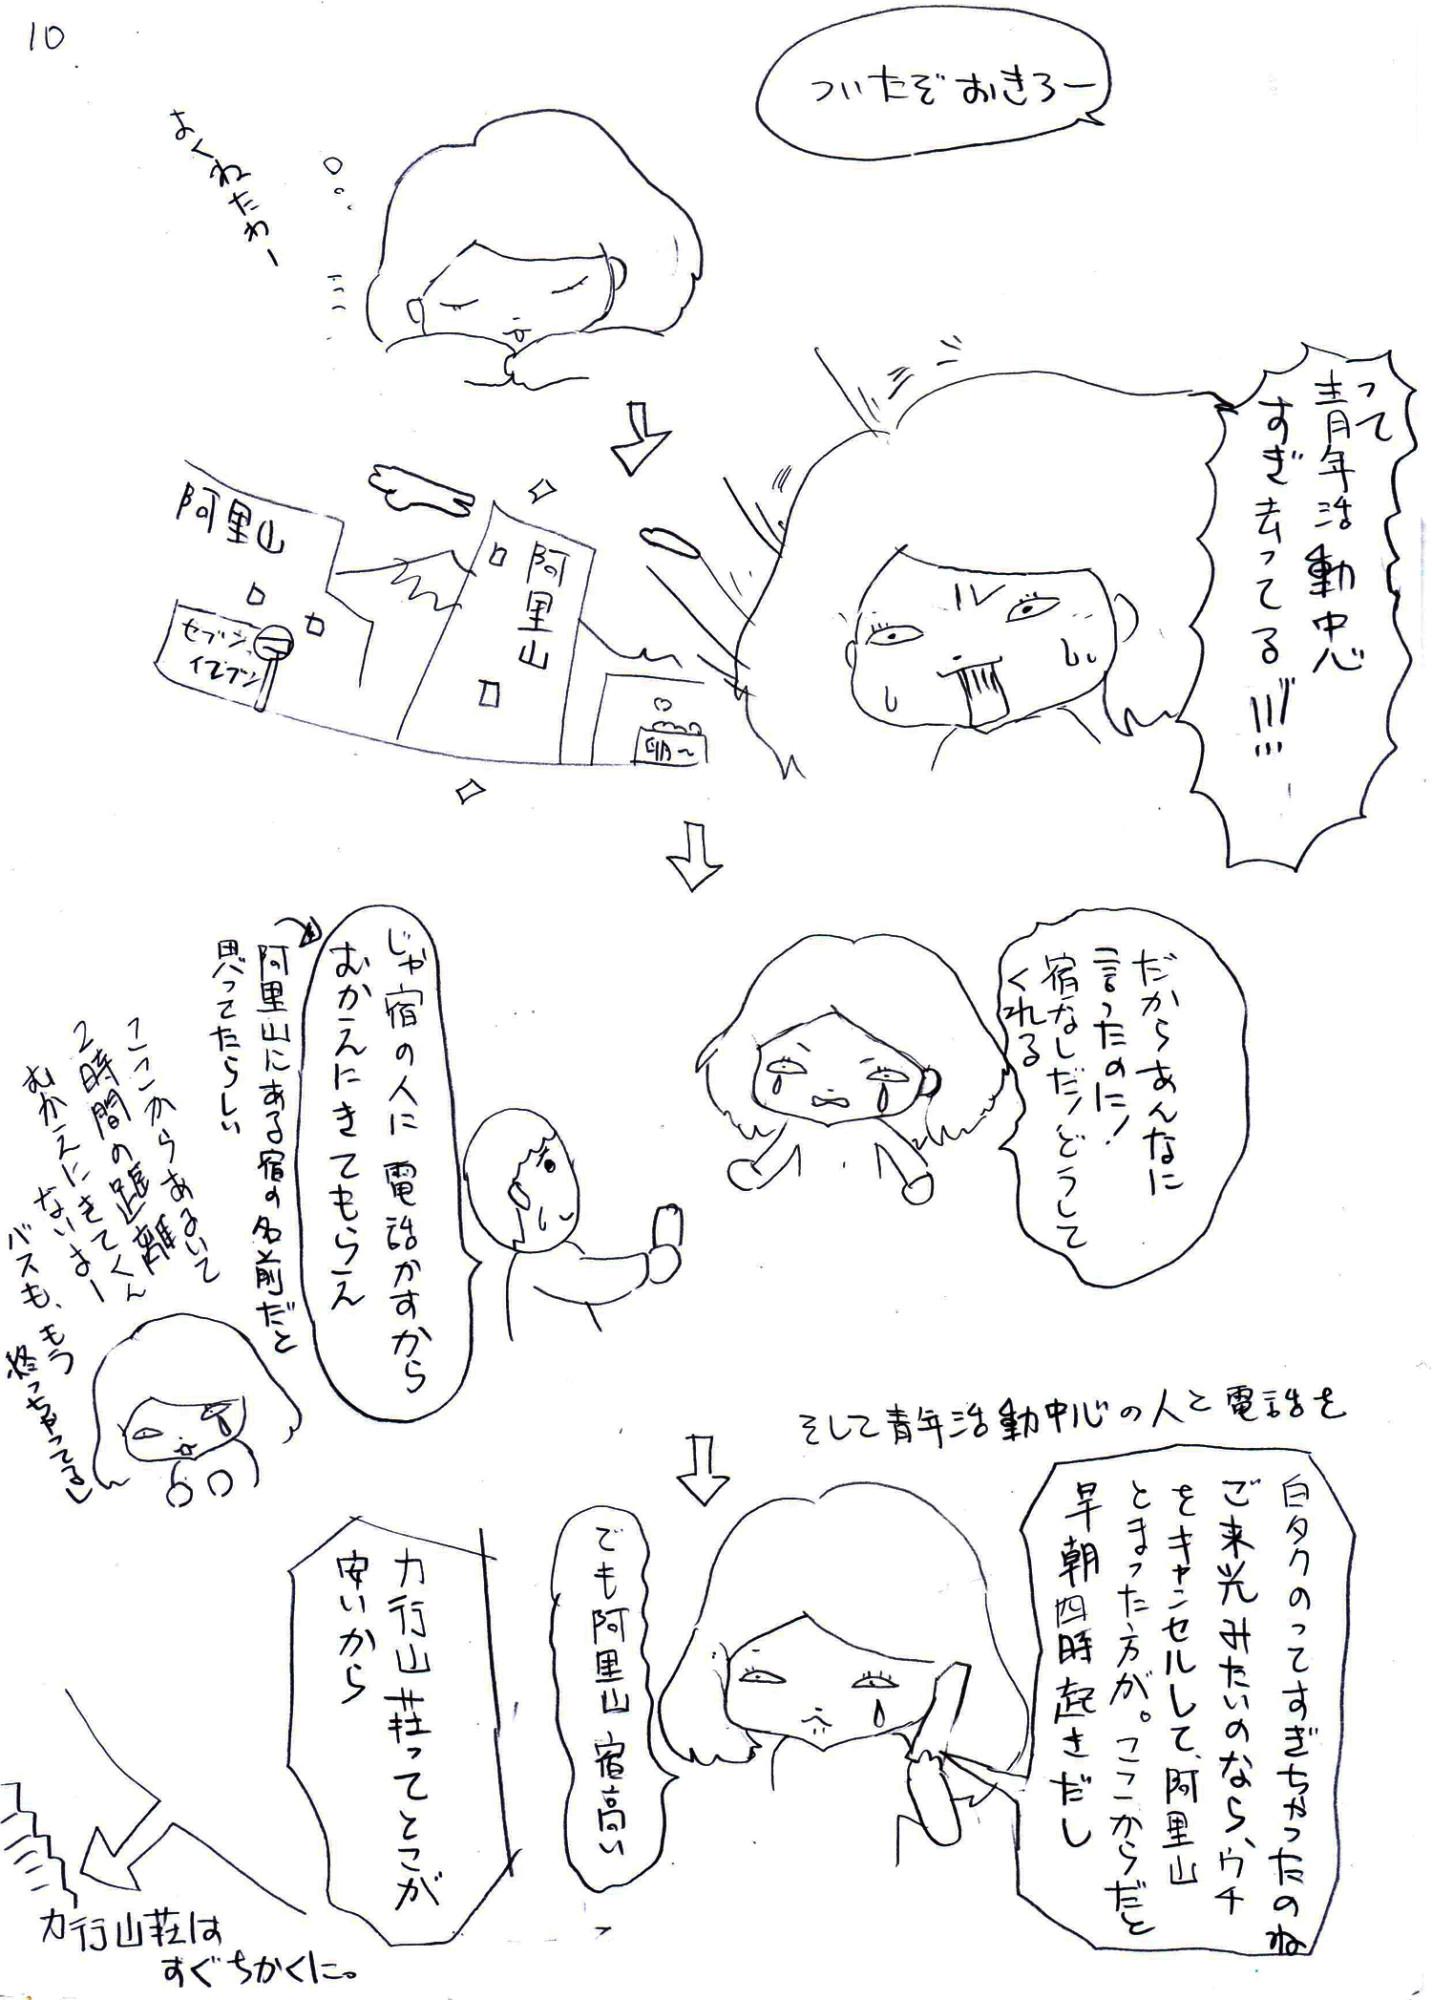 イメージ (182)